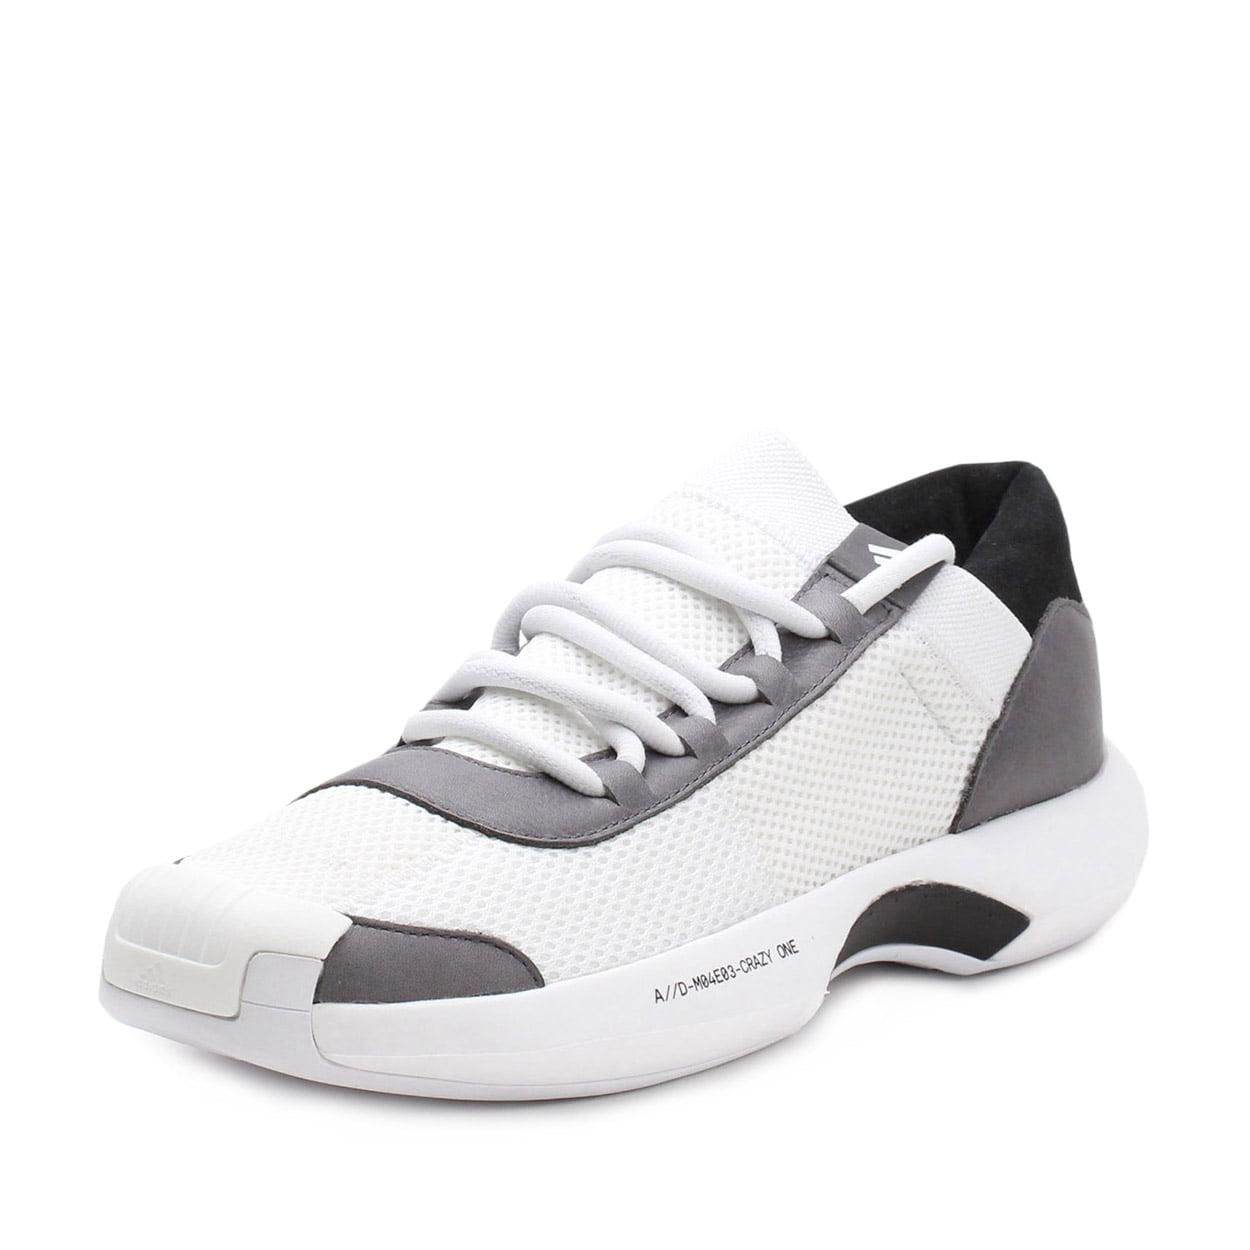 Adidas Mens Crazy 1 A D Consortium Grey White AC8213 by